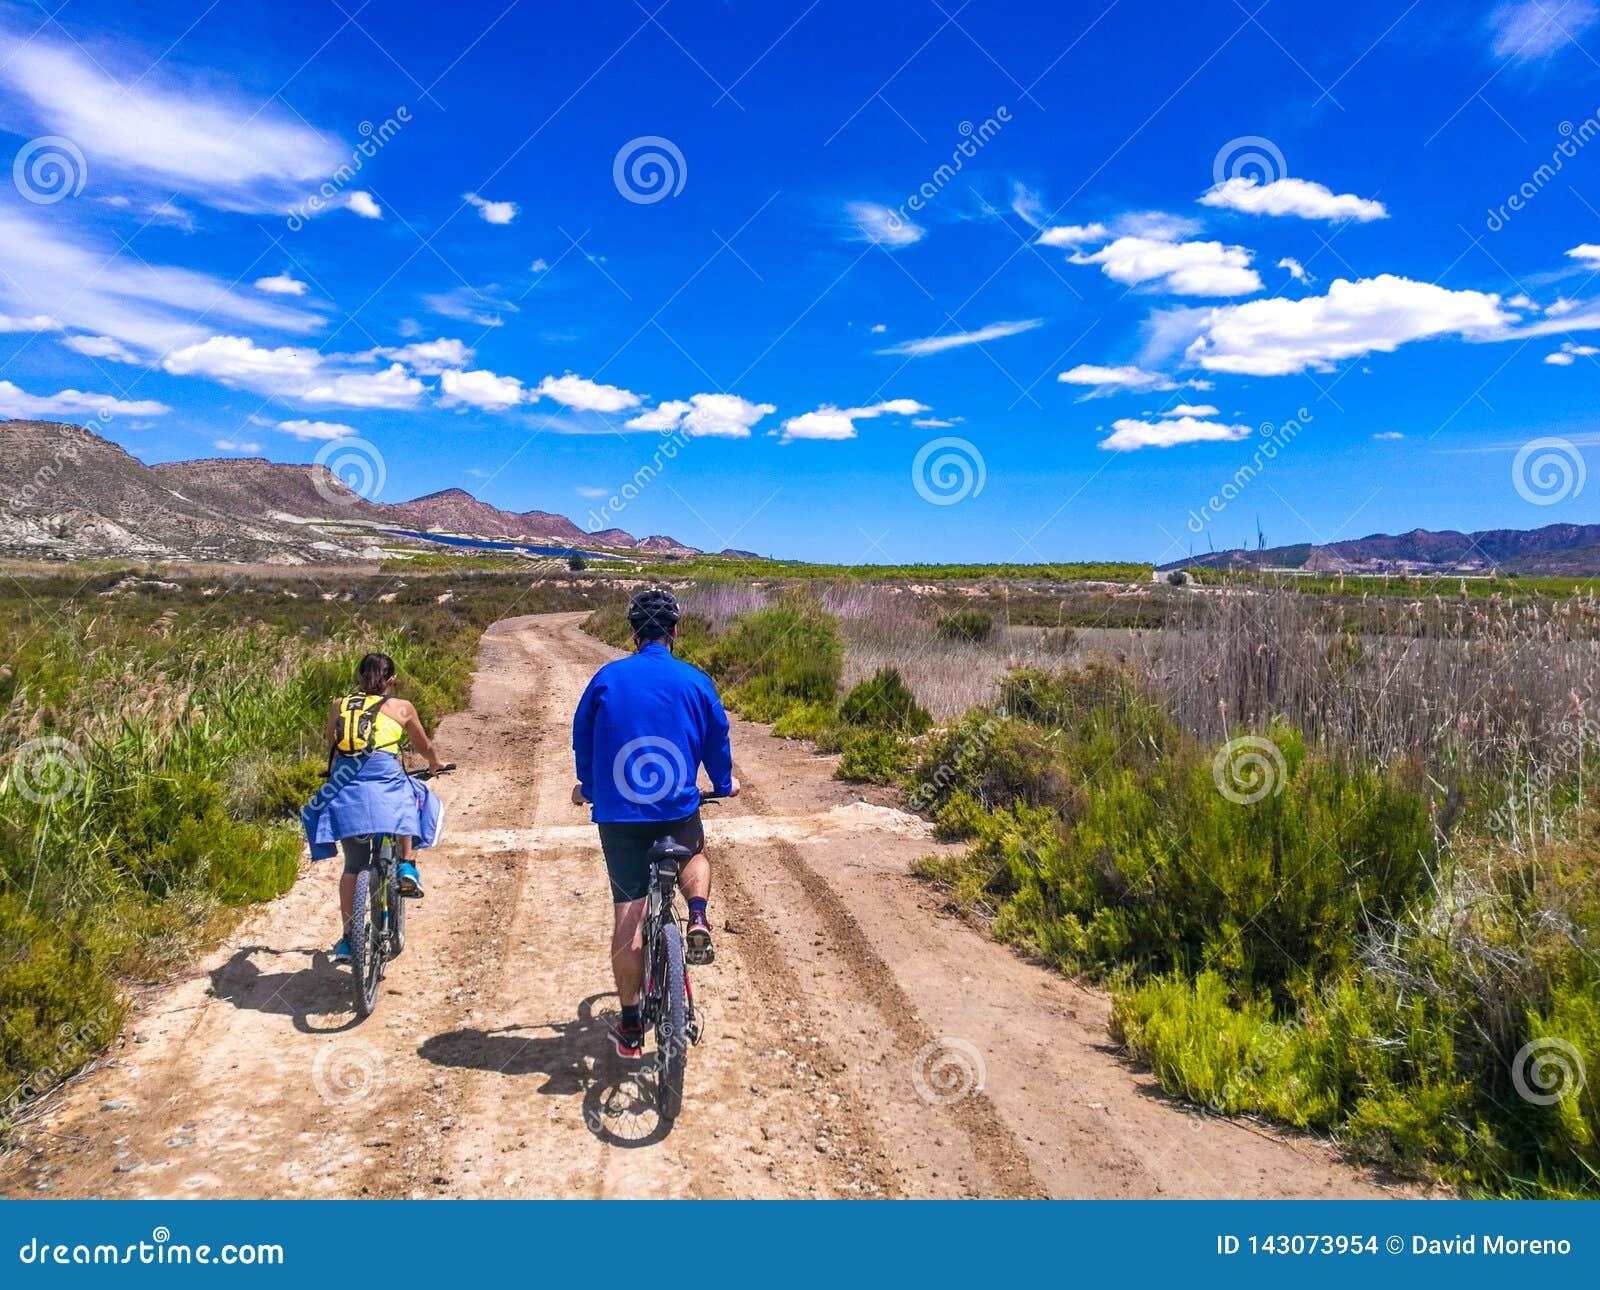 夫妇乘坐的自行车看法在一条土路的在美丽的parkland